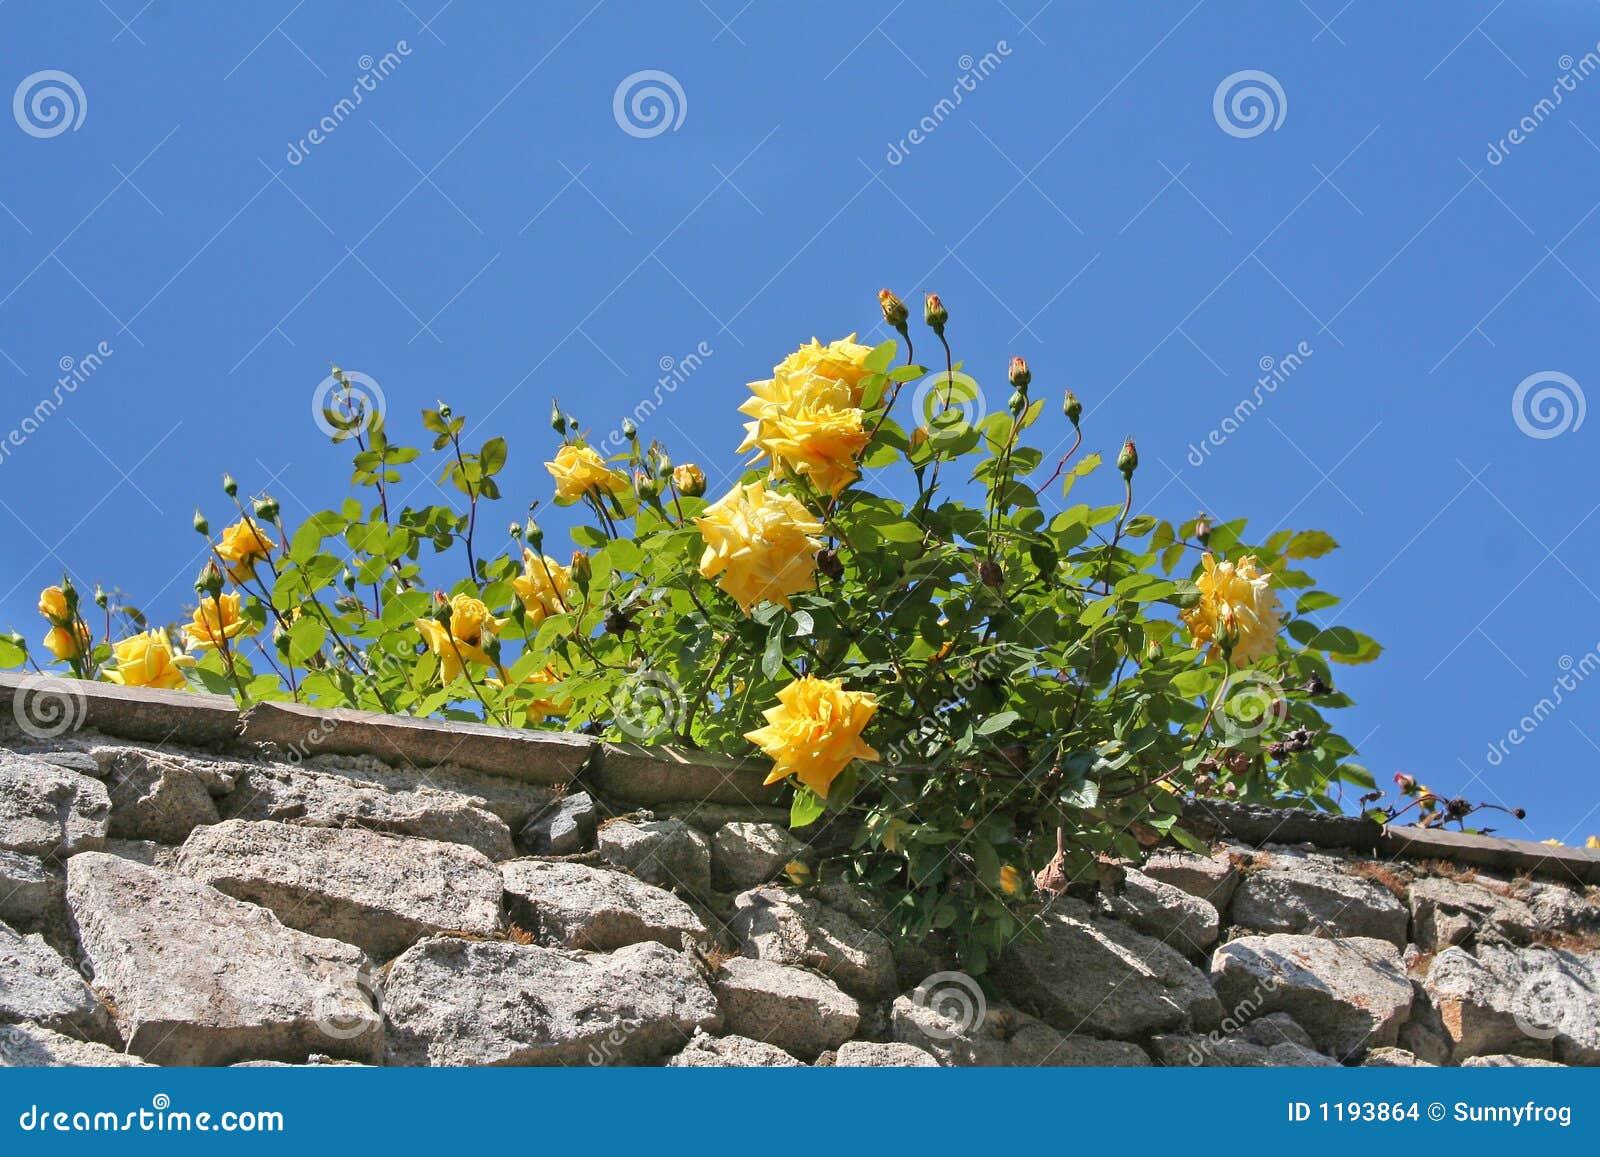 Image result for imagem de rosas amarelas